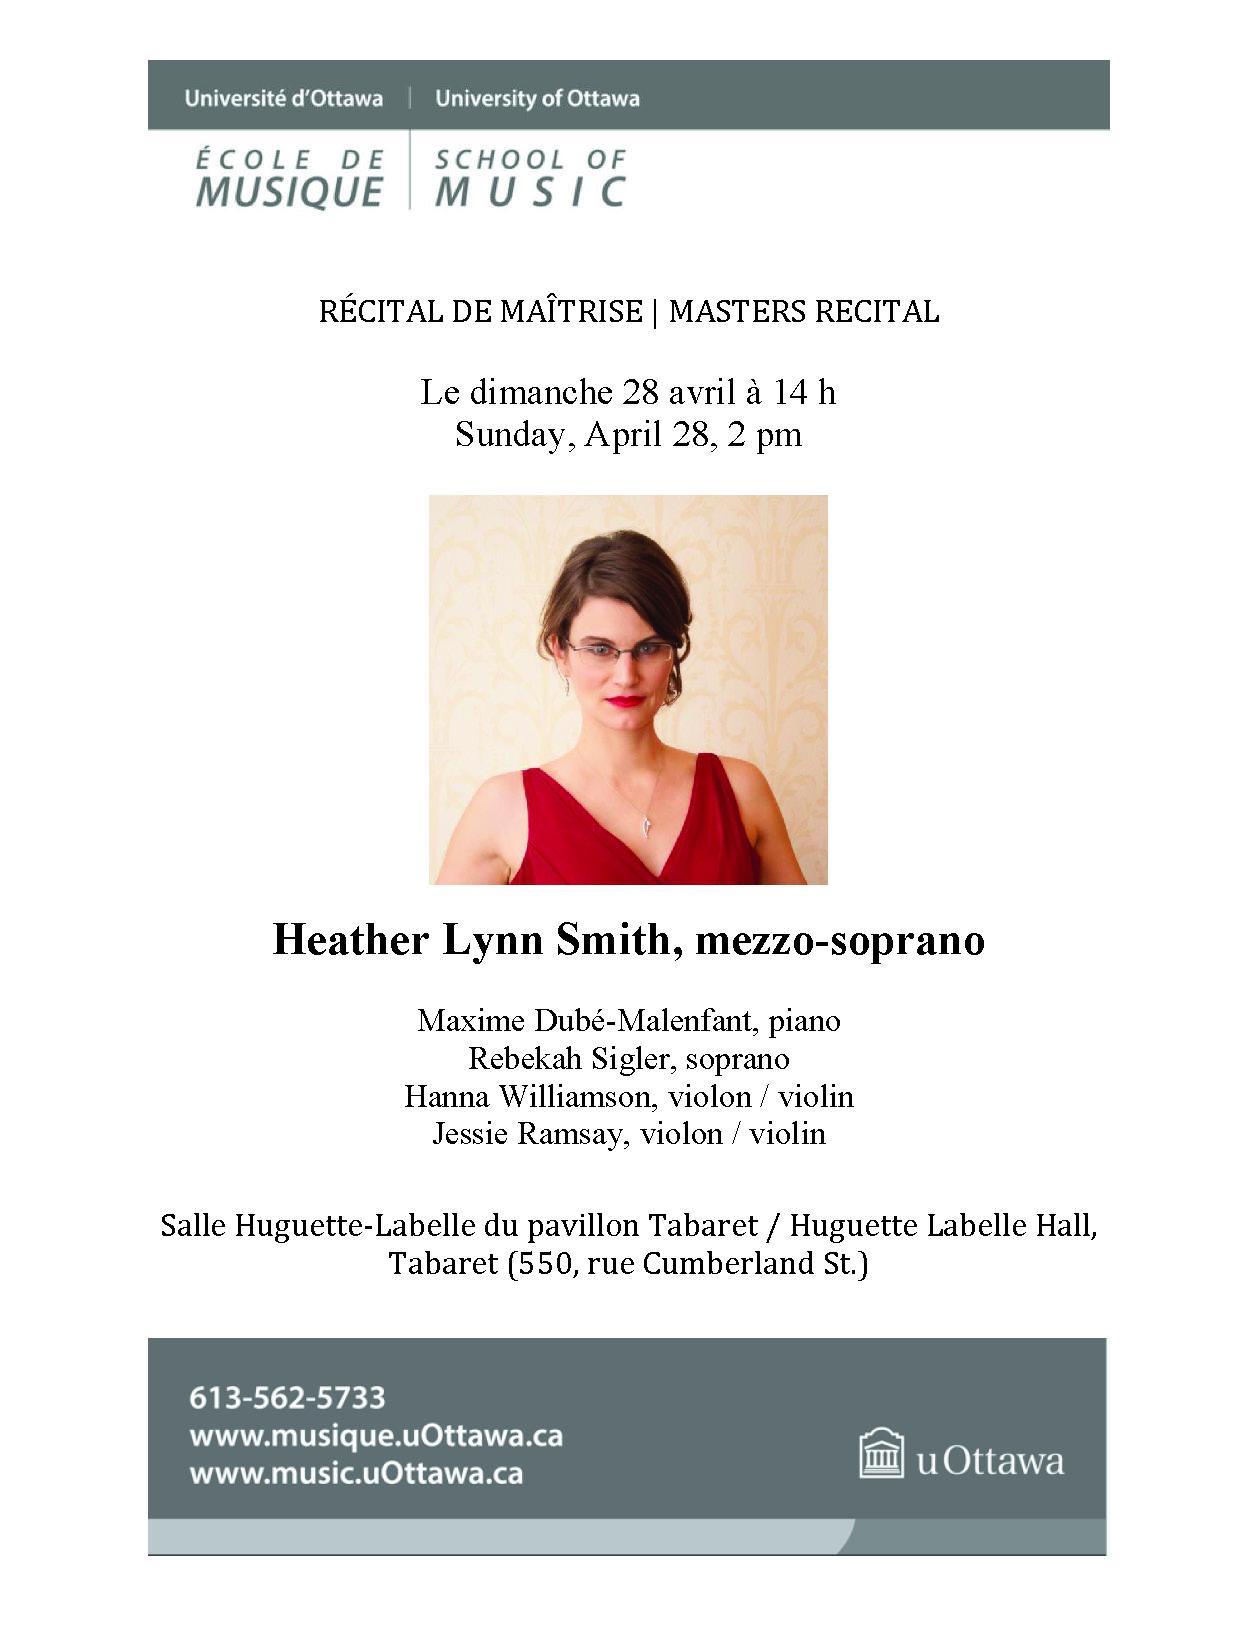 Heather Lynn Smith